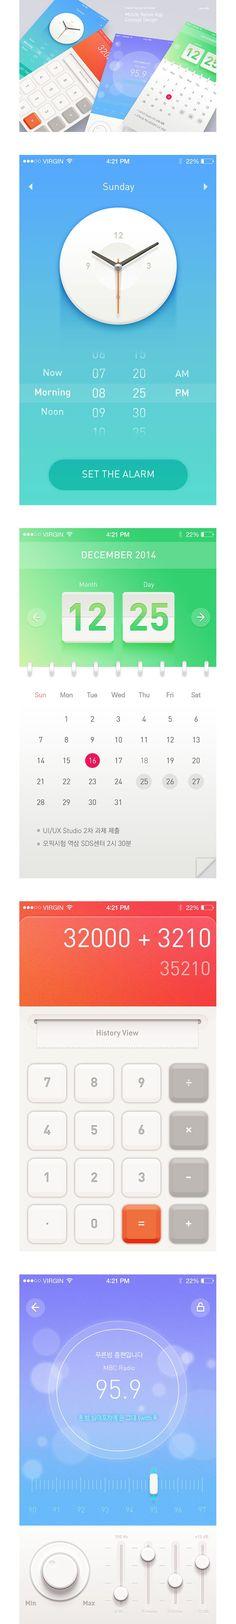 Daily Mobile UI Design Inspiration #463